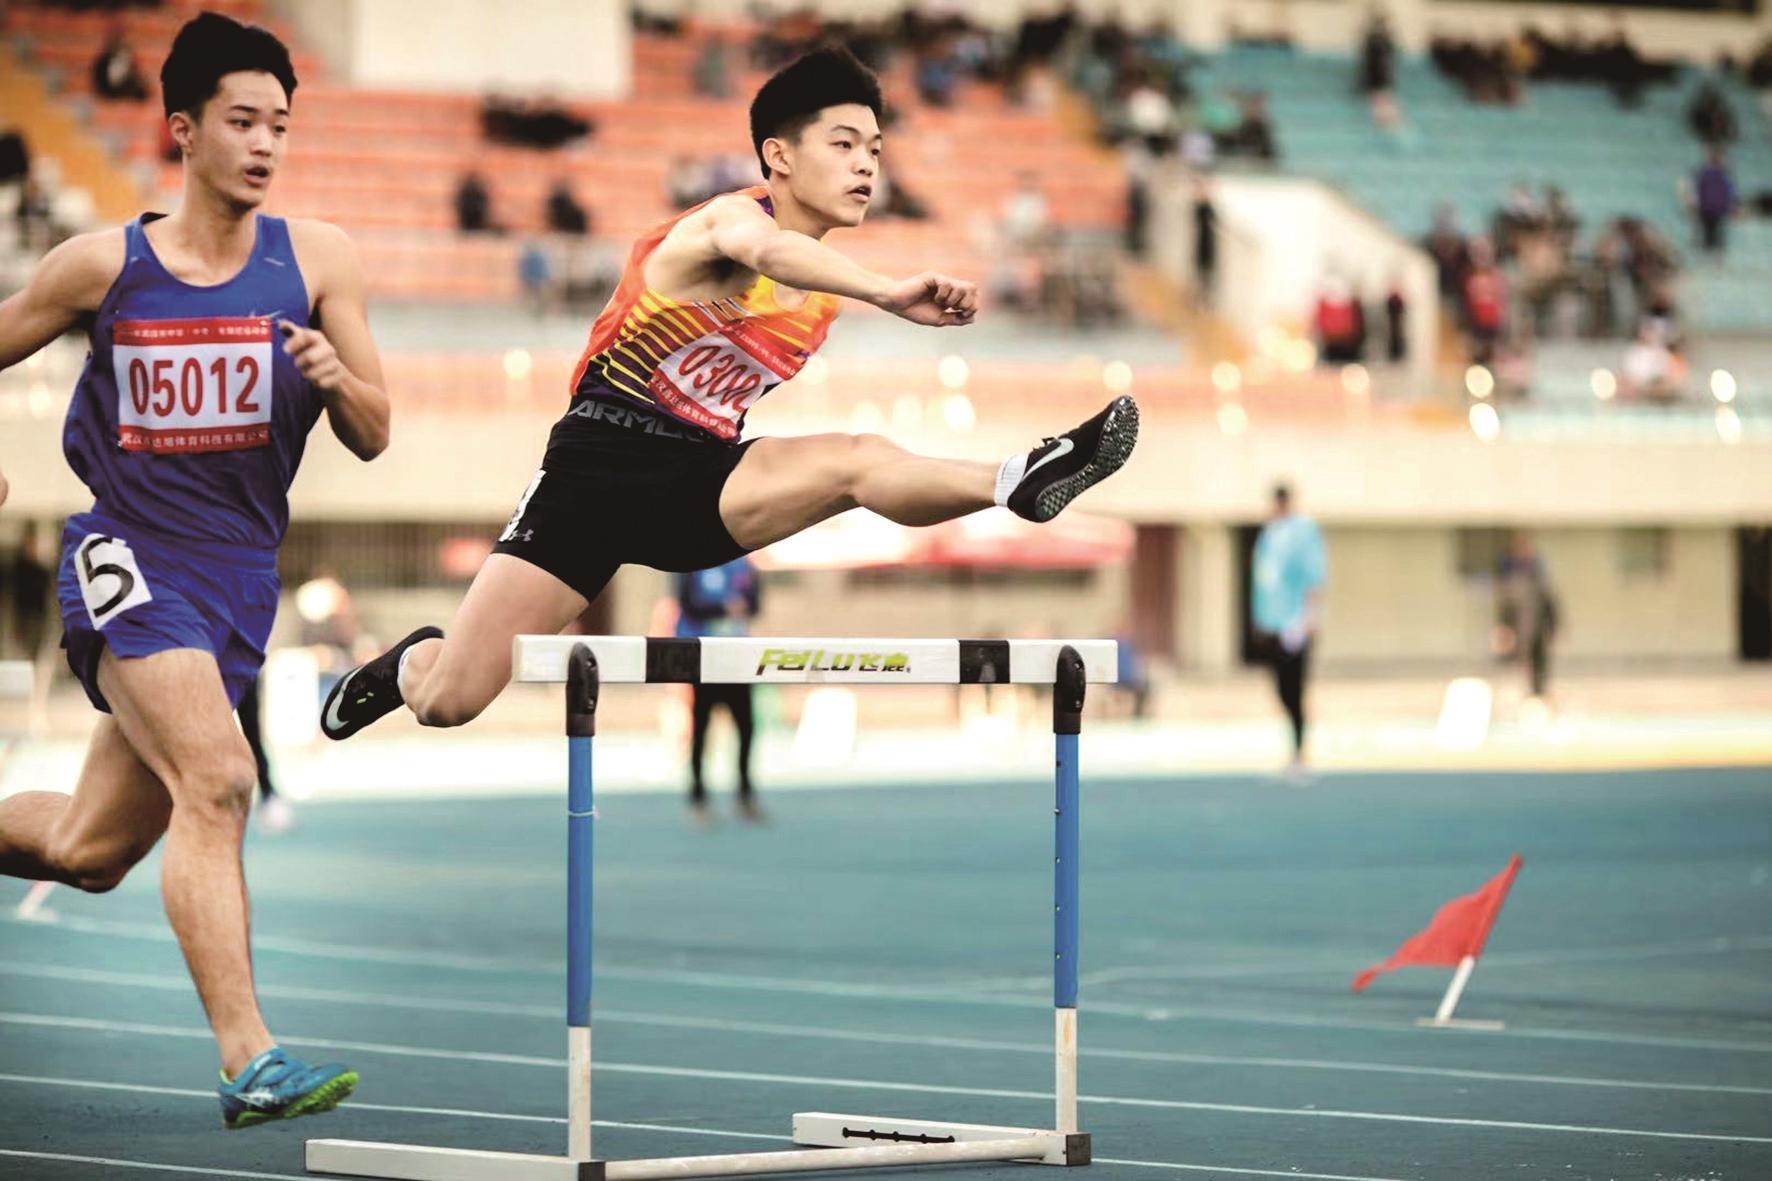 武漢高中生出征全國學生運動會斬獲田徑項目金牌